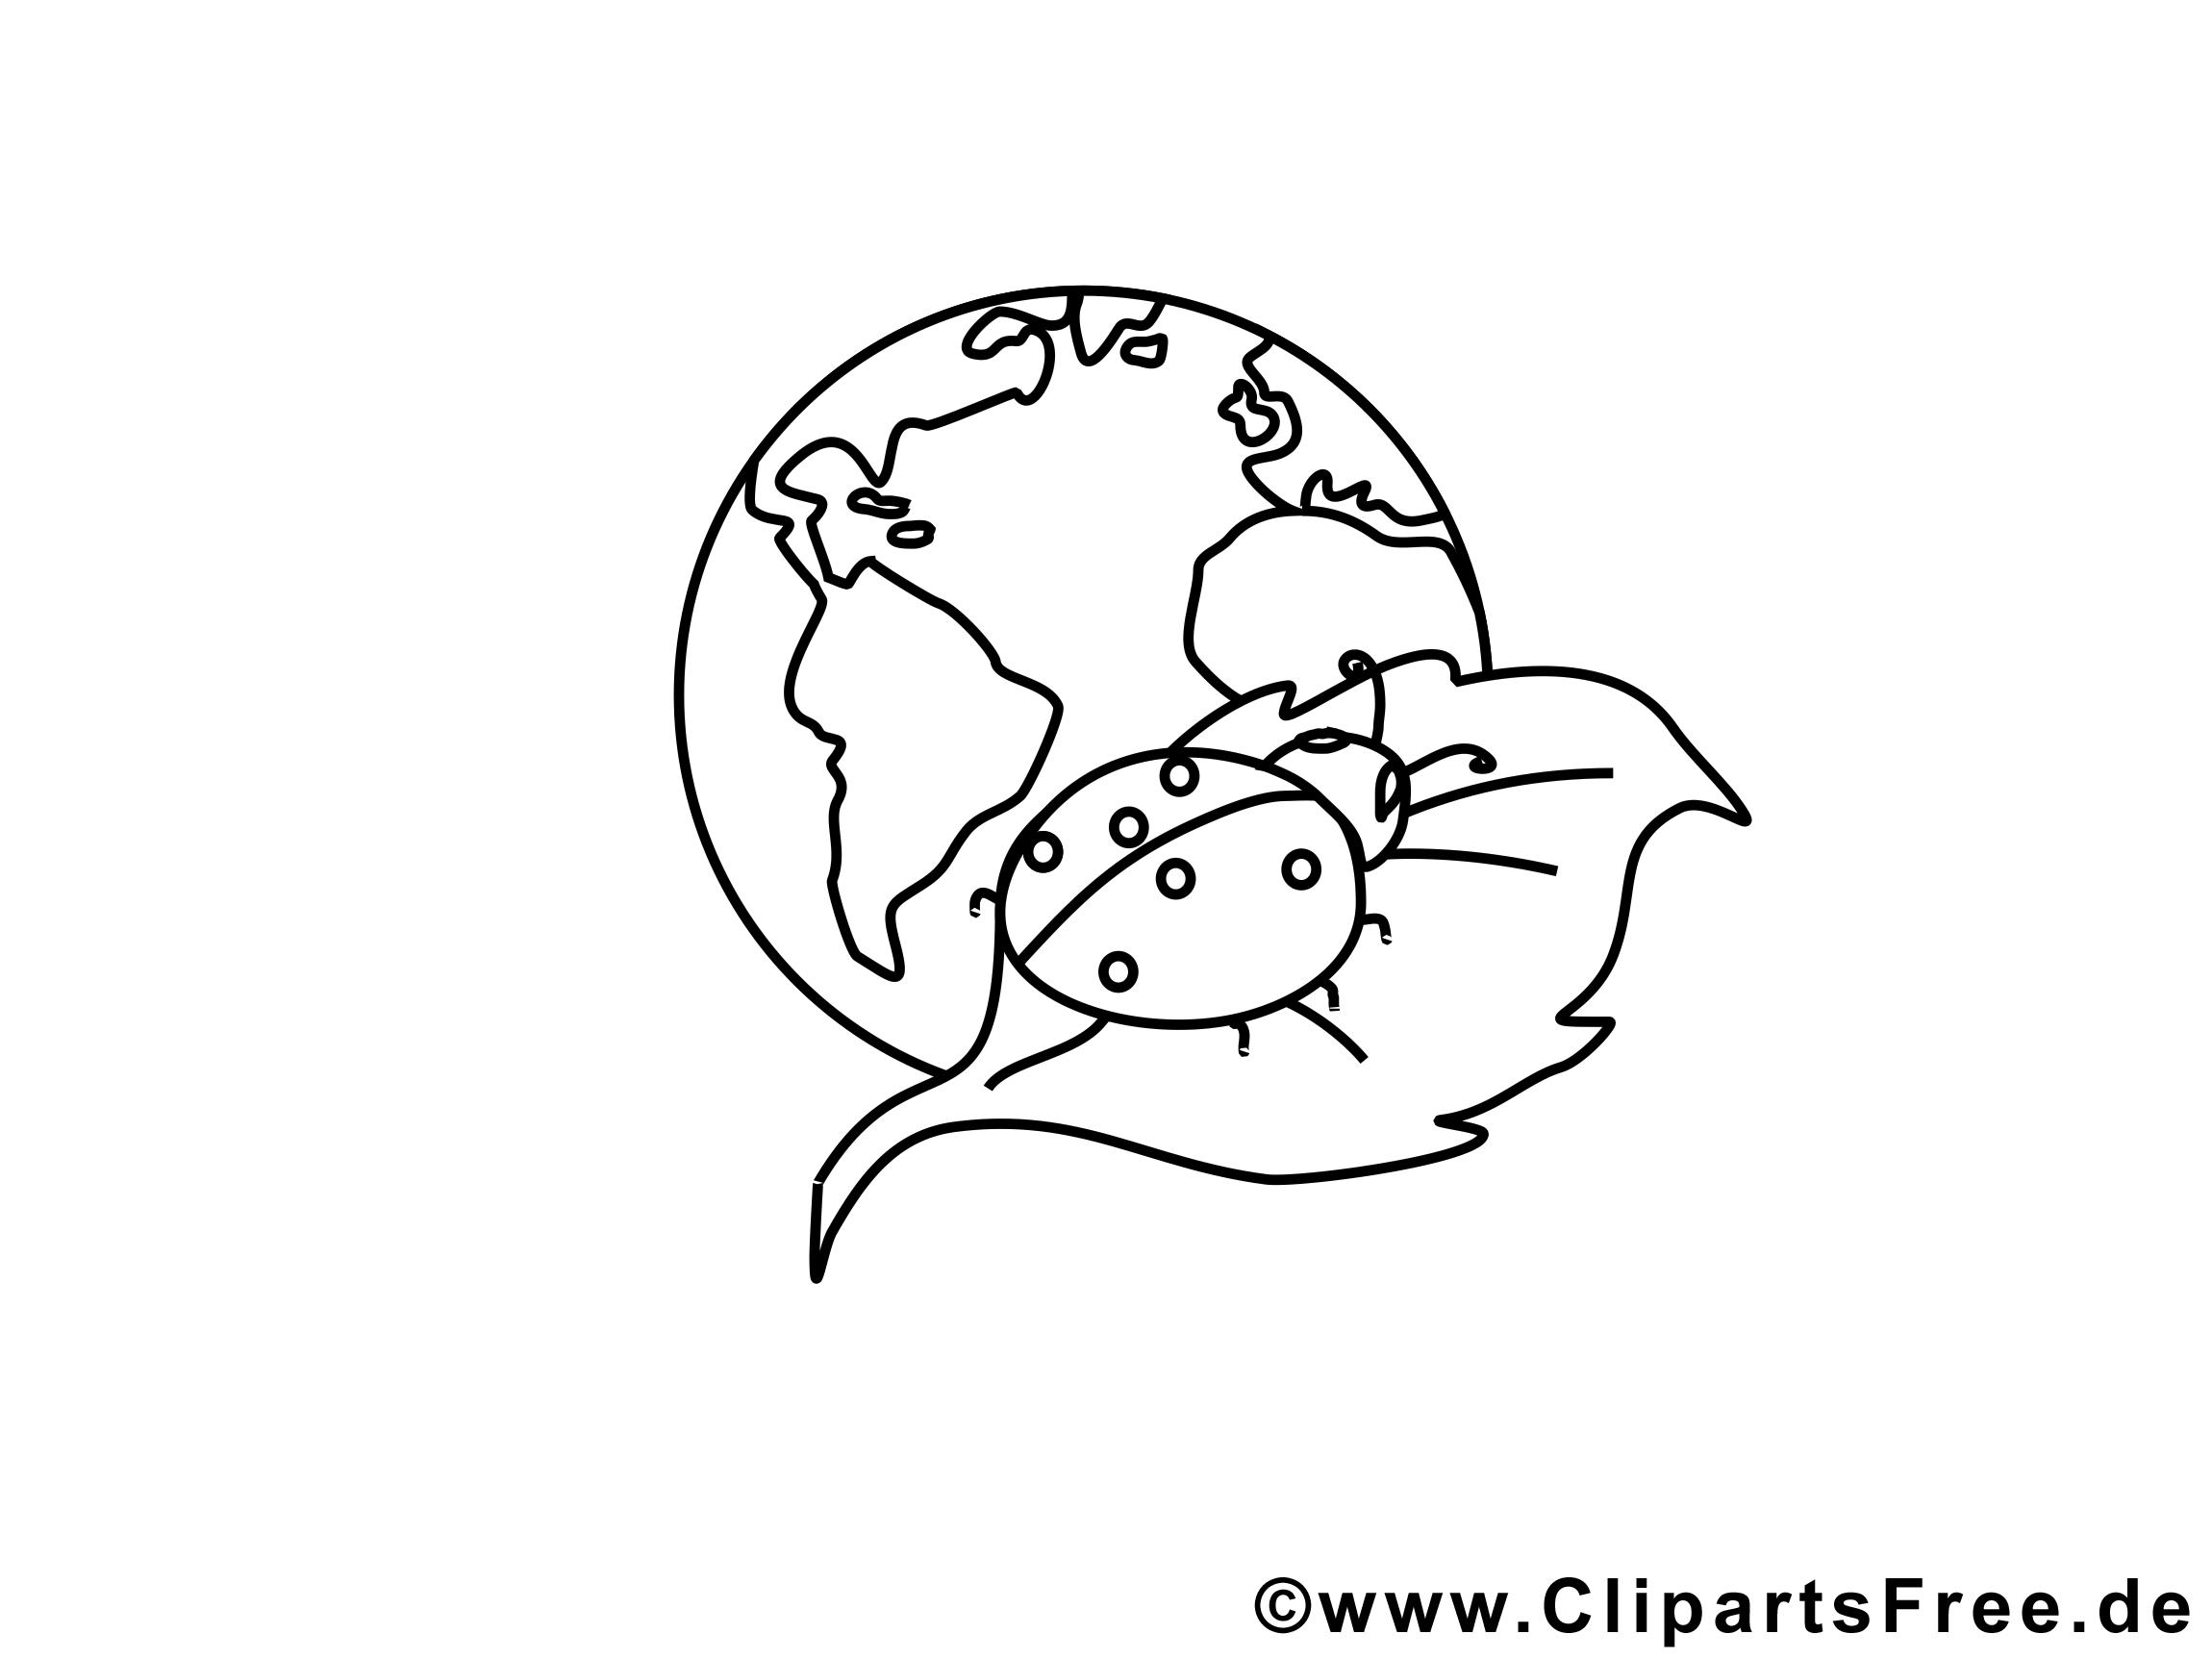 Clipart terre gratuit vector free Clipart terre gratuit - ClipartFox vector free